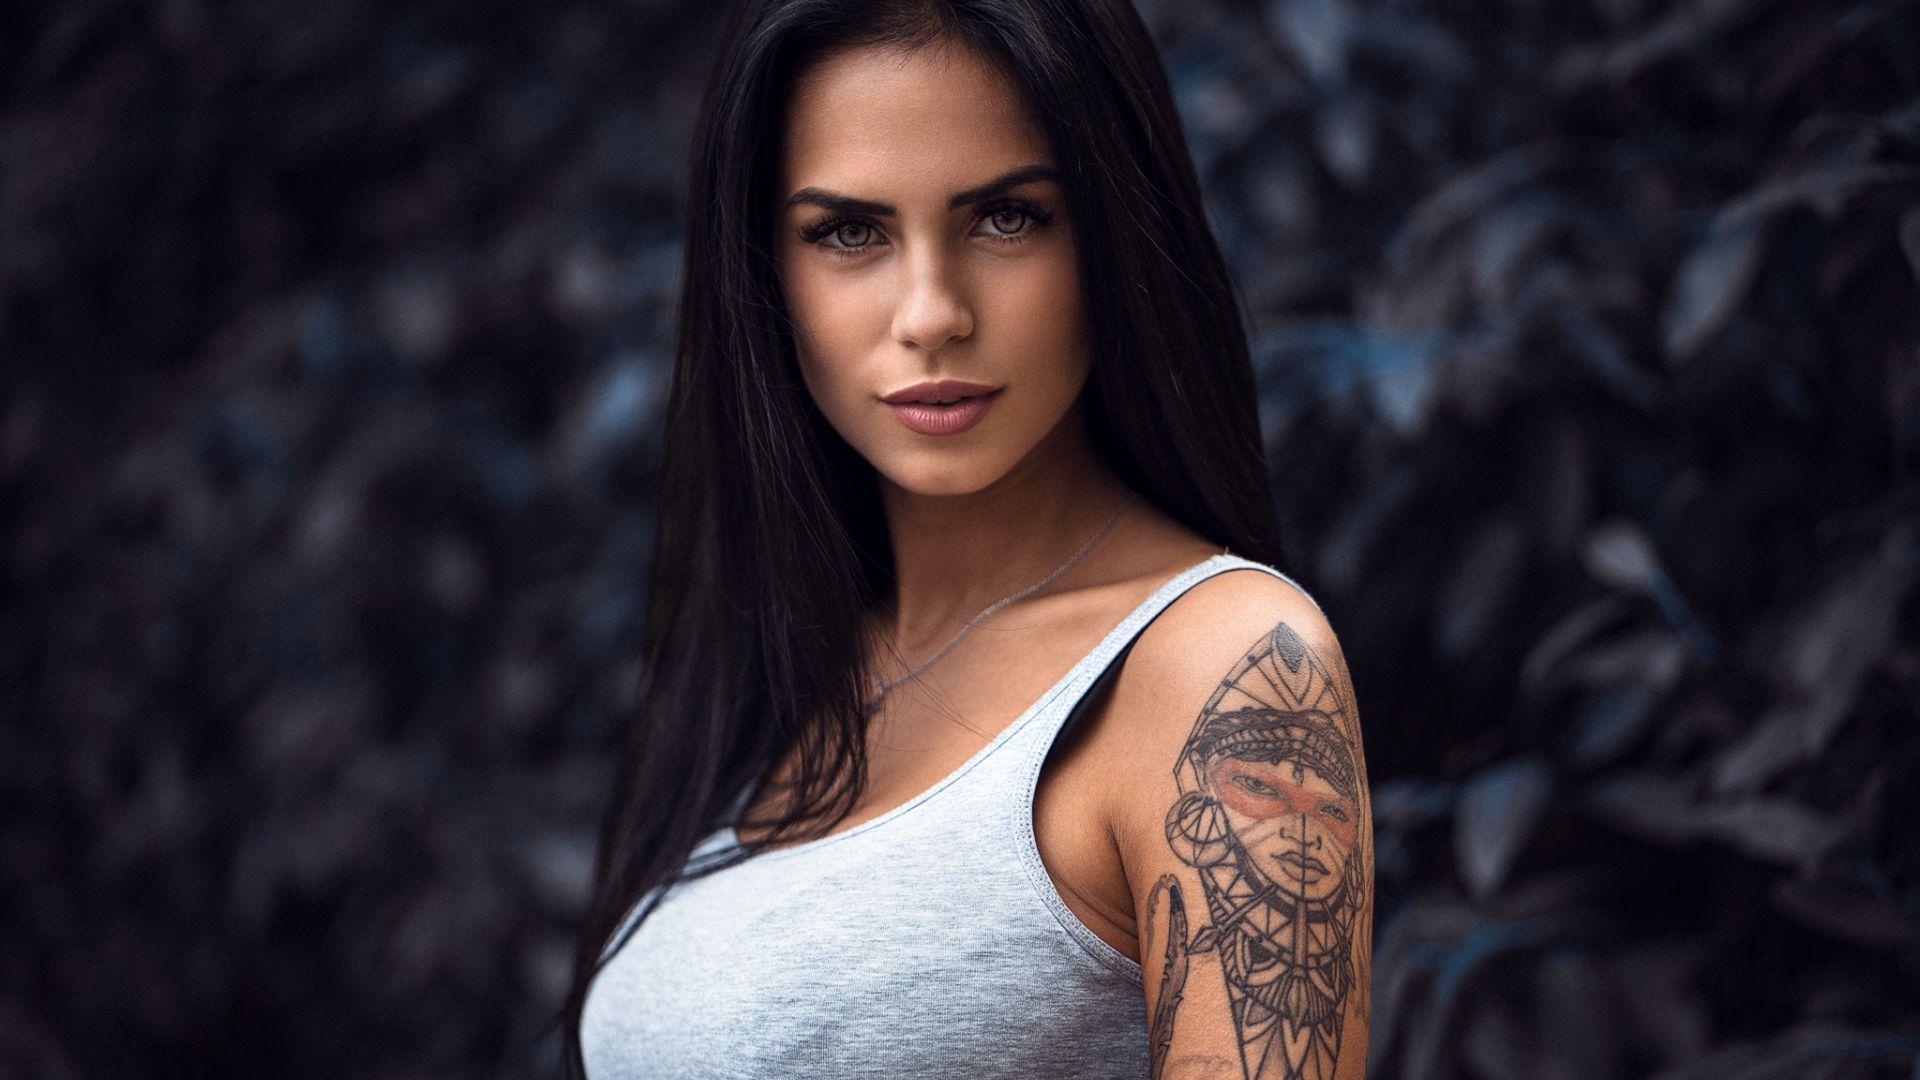 Wallpaper Tattoo on hand, girl model, brunette